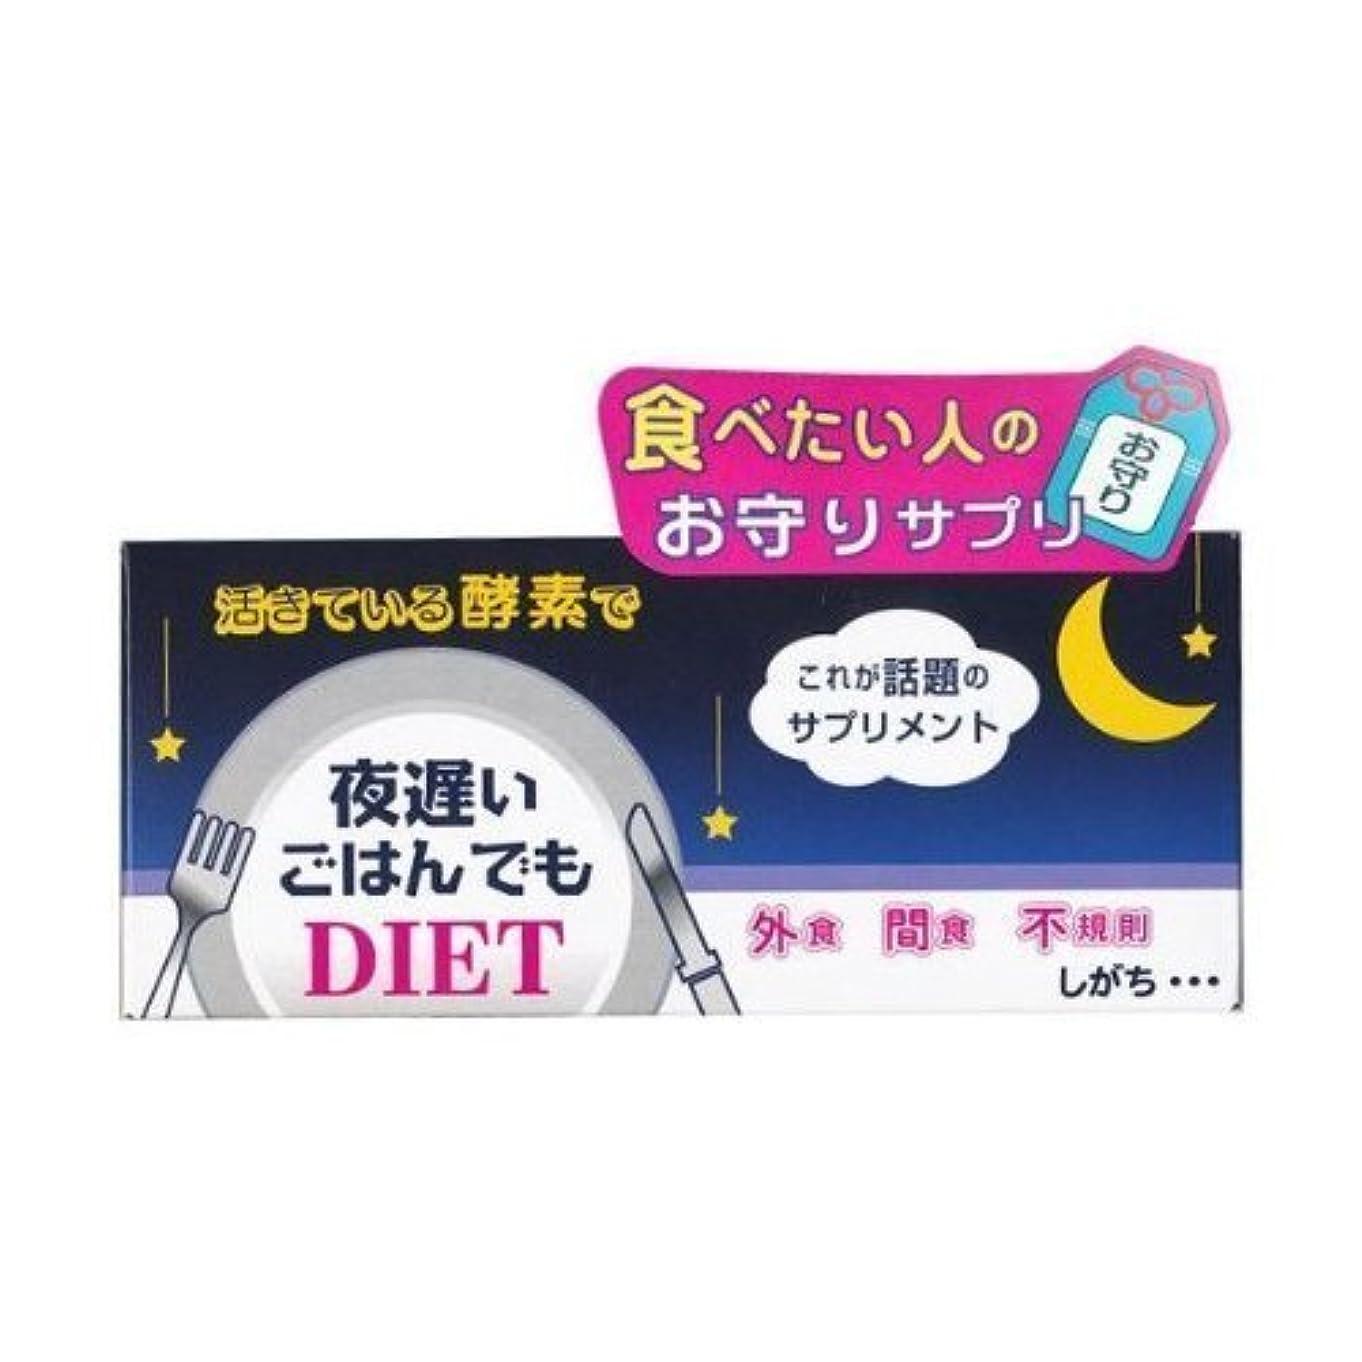 新谷酵素 夜遅いごはんでも 30包 【2箱セット】